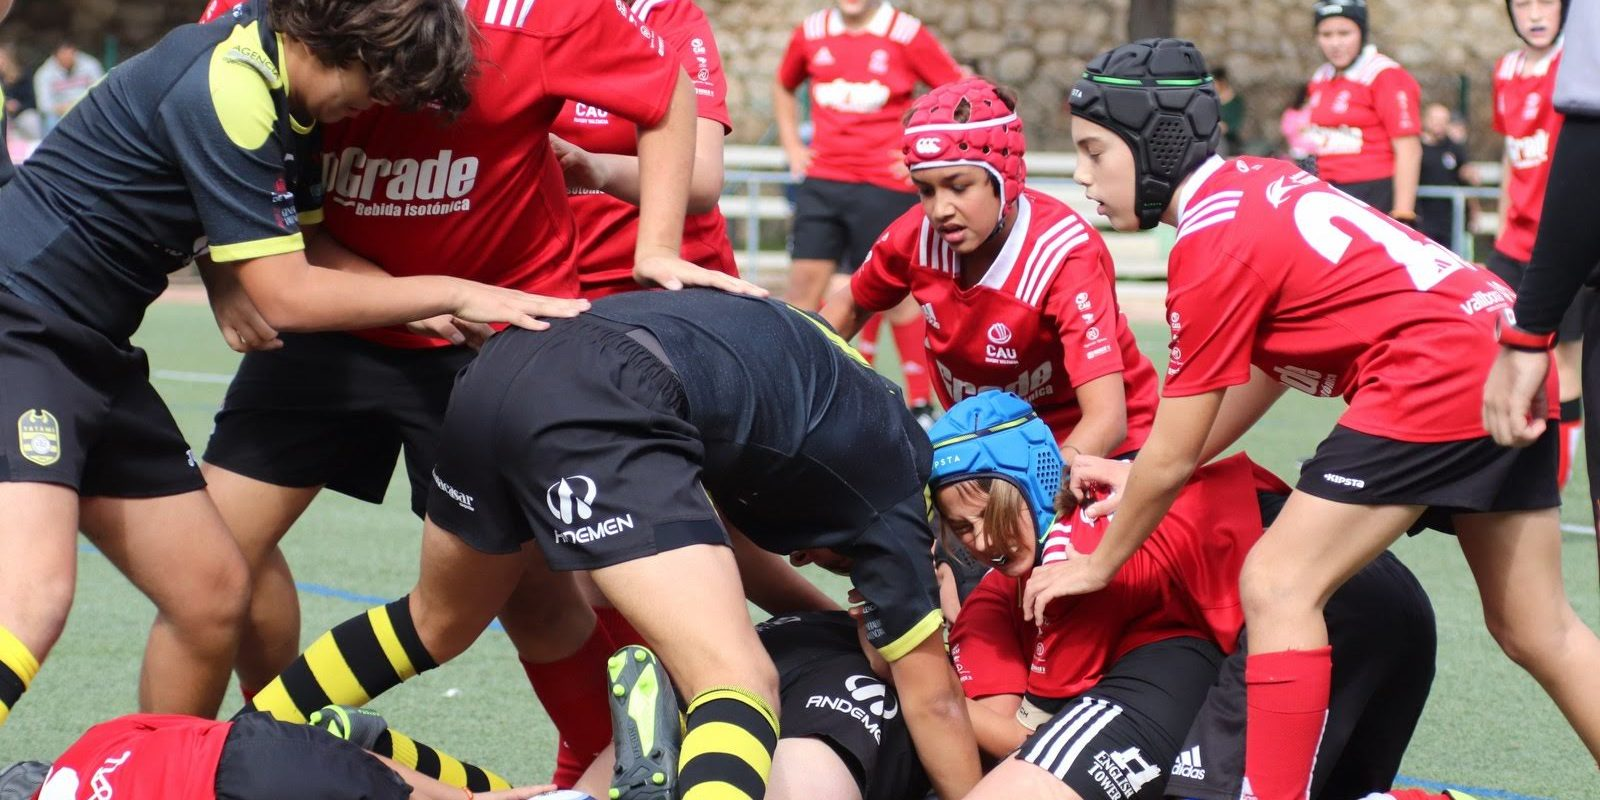 S14  ANDEMEN TATAMI – CAU VALENCIA B - Tatami Rugby Club f2f0a07af9c